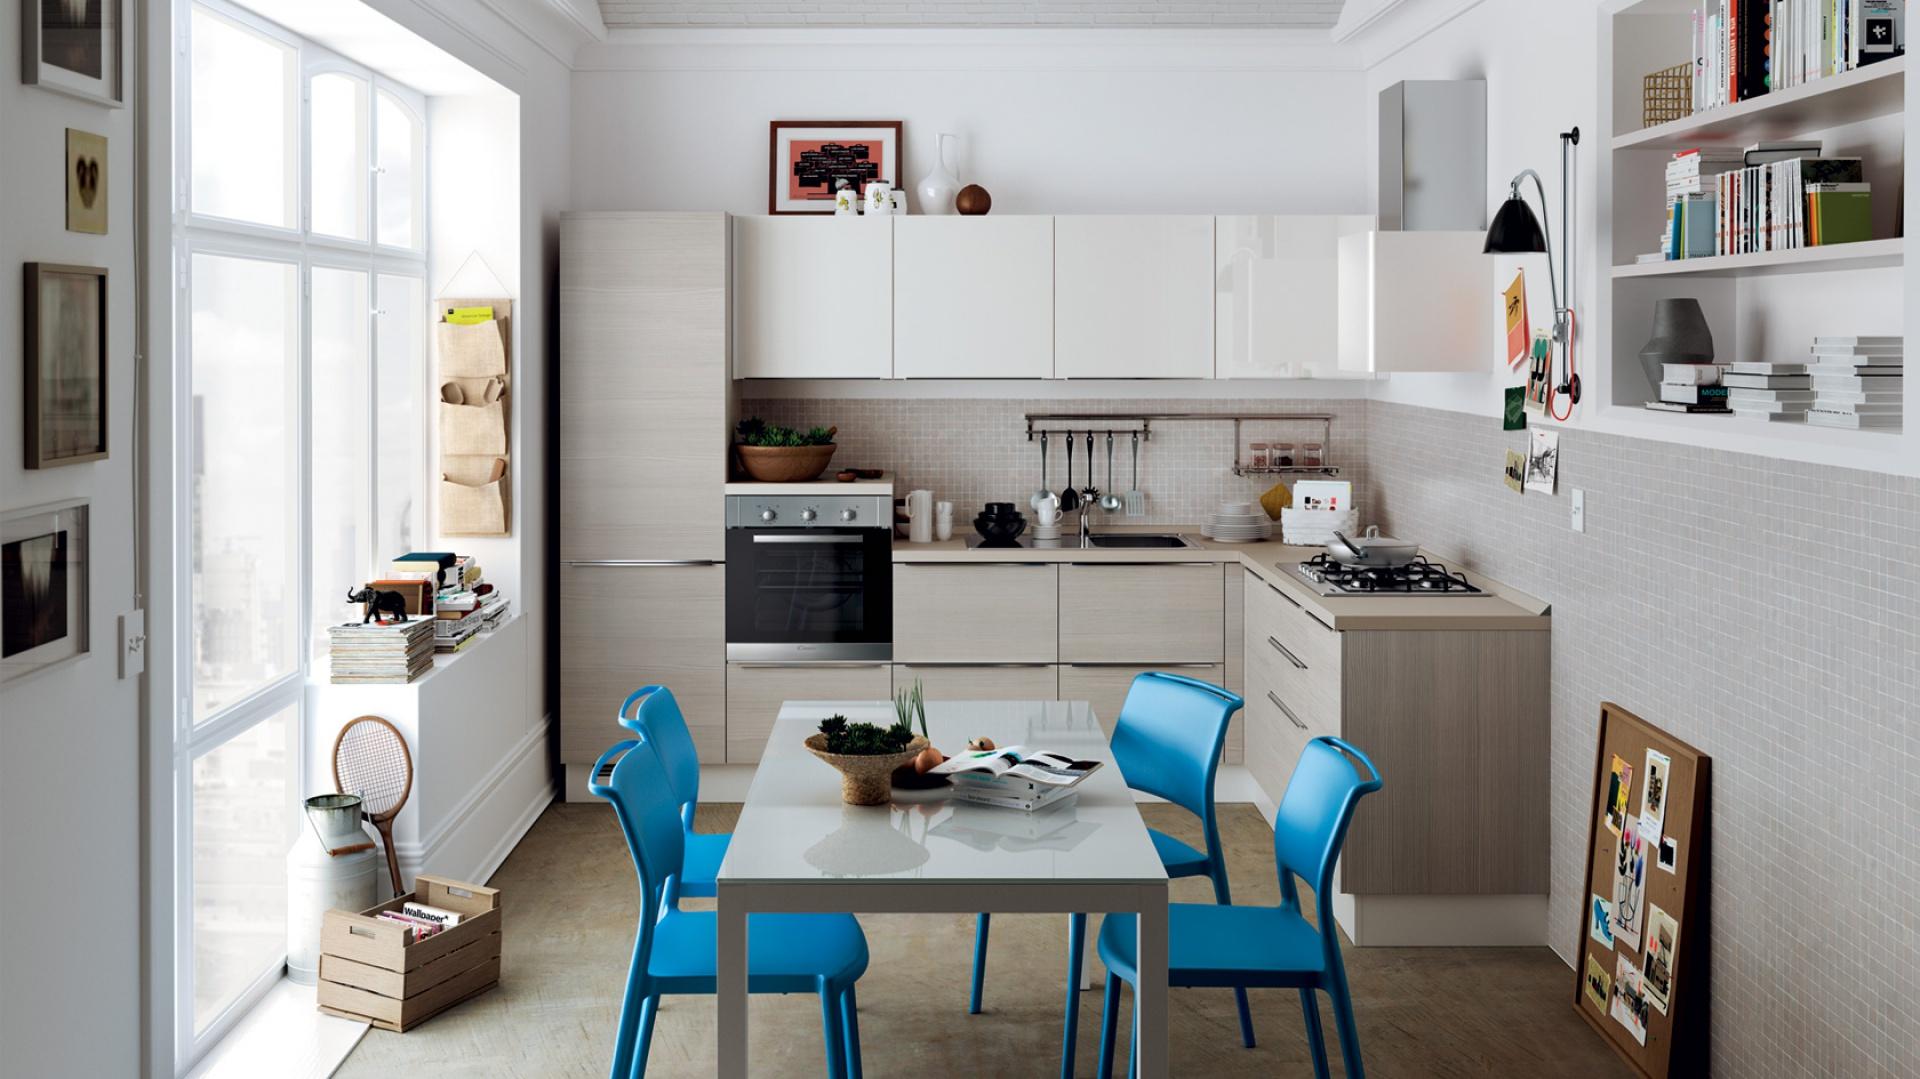 W niewielkiej przestrzeni udało się zmieścić zabudowę w kształcie litery L oraz stół jadalniany. Jasne kolory i górny rząd szafek wykończonych w połysku, optycznie powiększają przestrzeń. Fot. Scavolini.